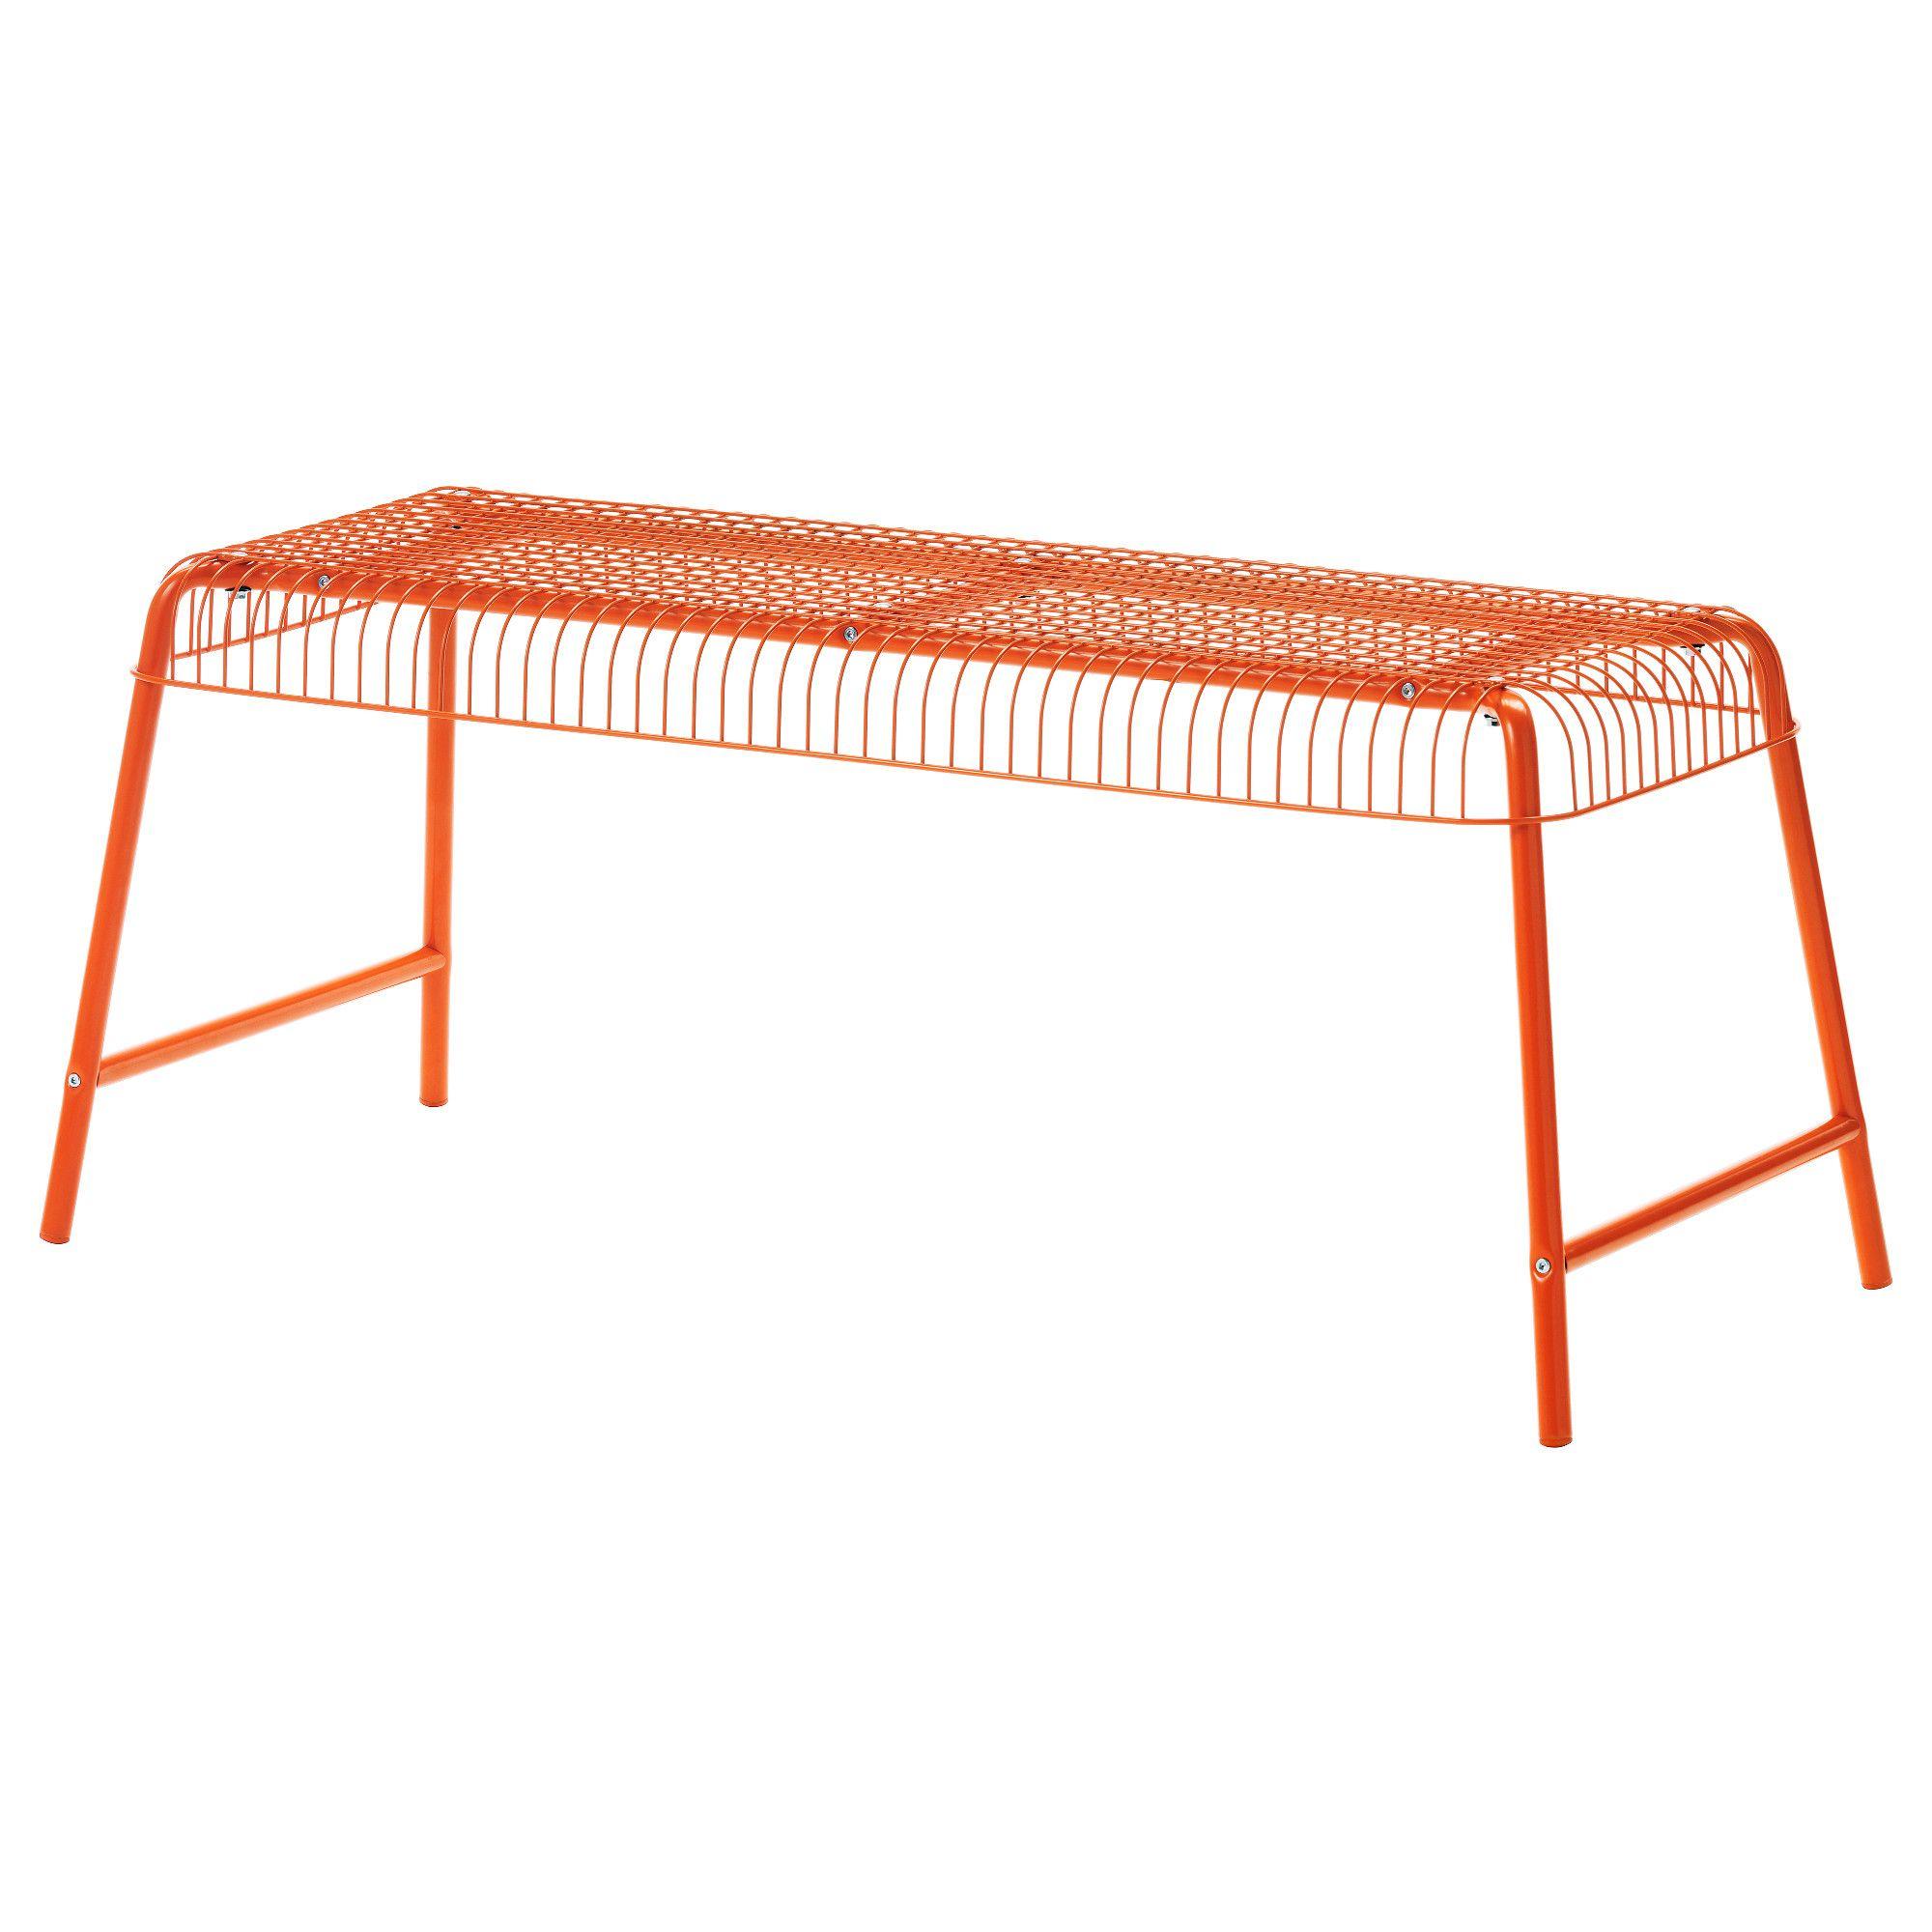 Mobilier Et Décoration - Intérieur Et Extérieur | Ikea Patio ... serapportantà Banc De Jardin Ikea